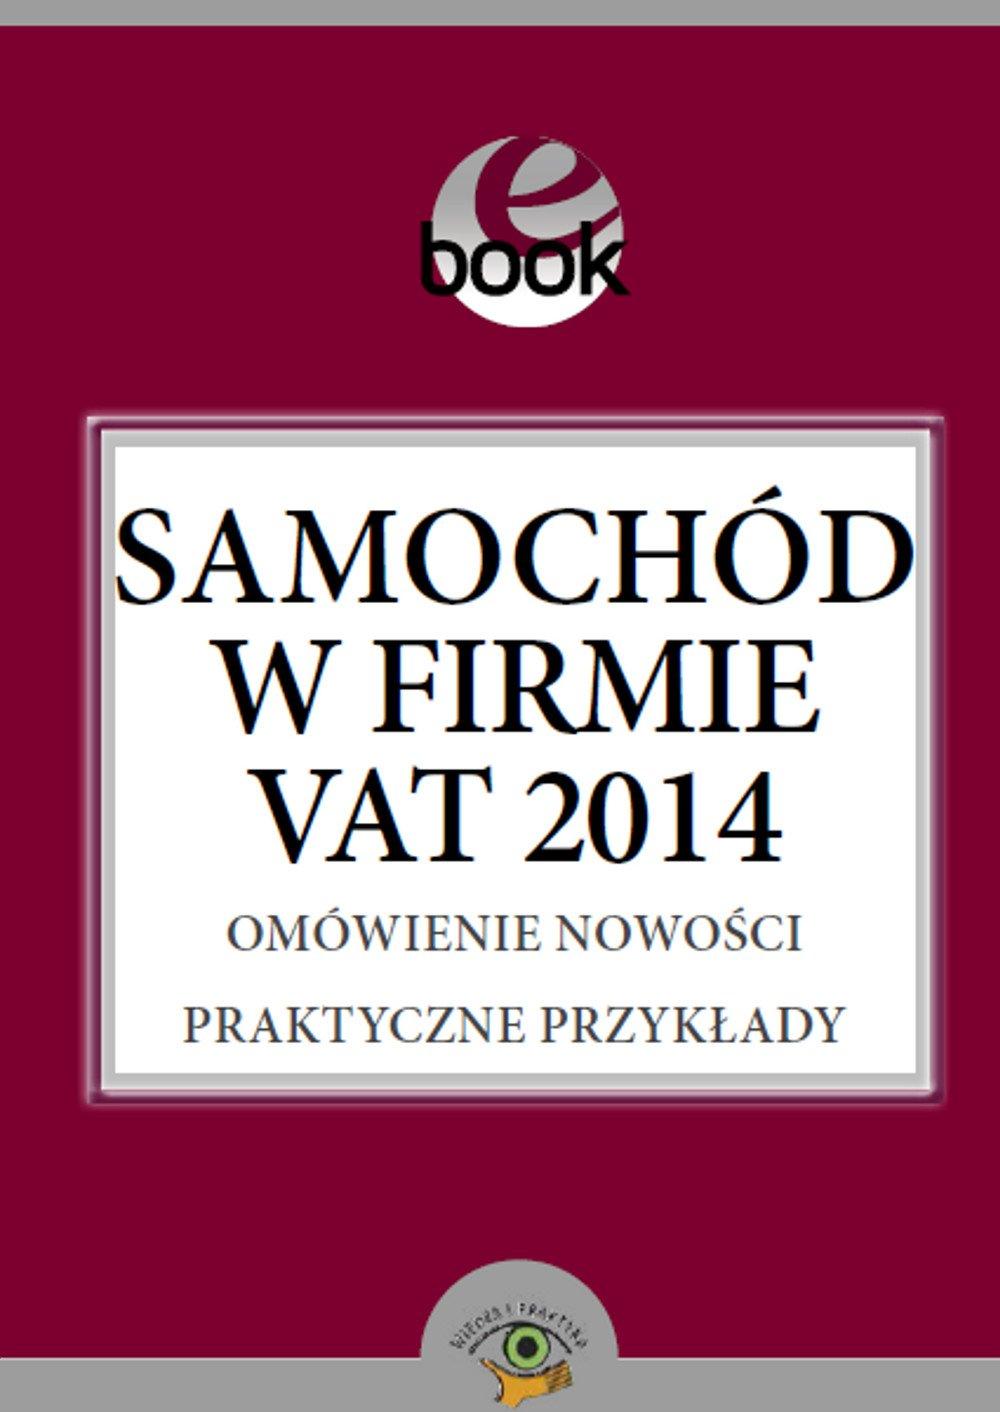 Samochód w firmie VAT 2014 - Ebook (Książka PDF) do pobrania w formacie PDF